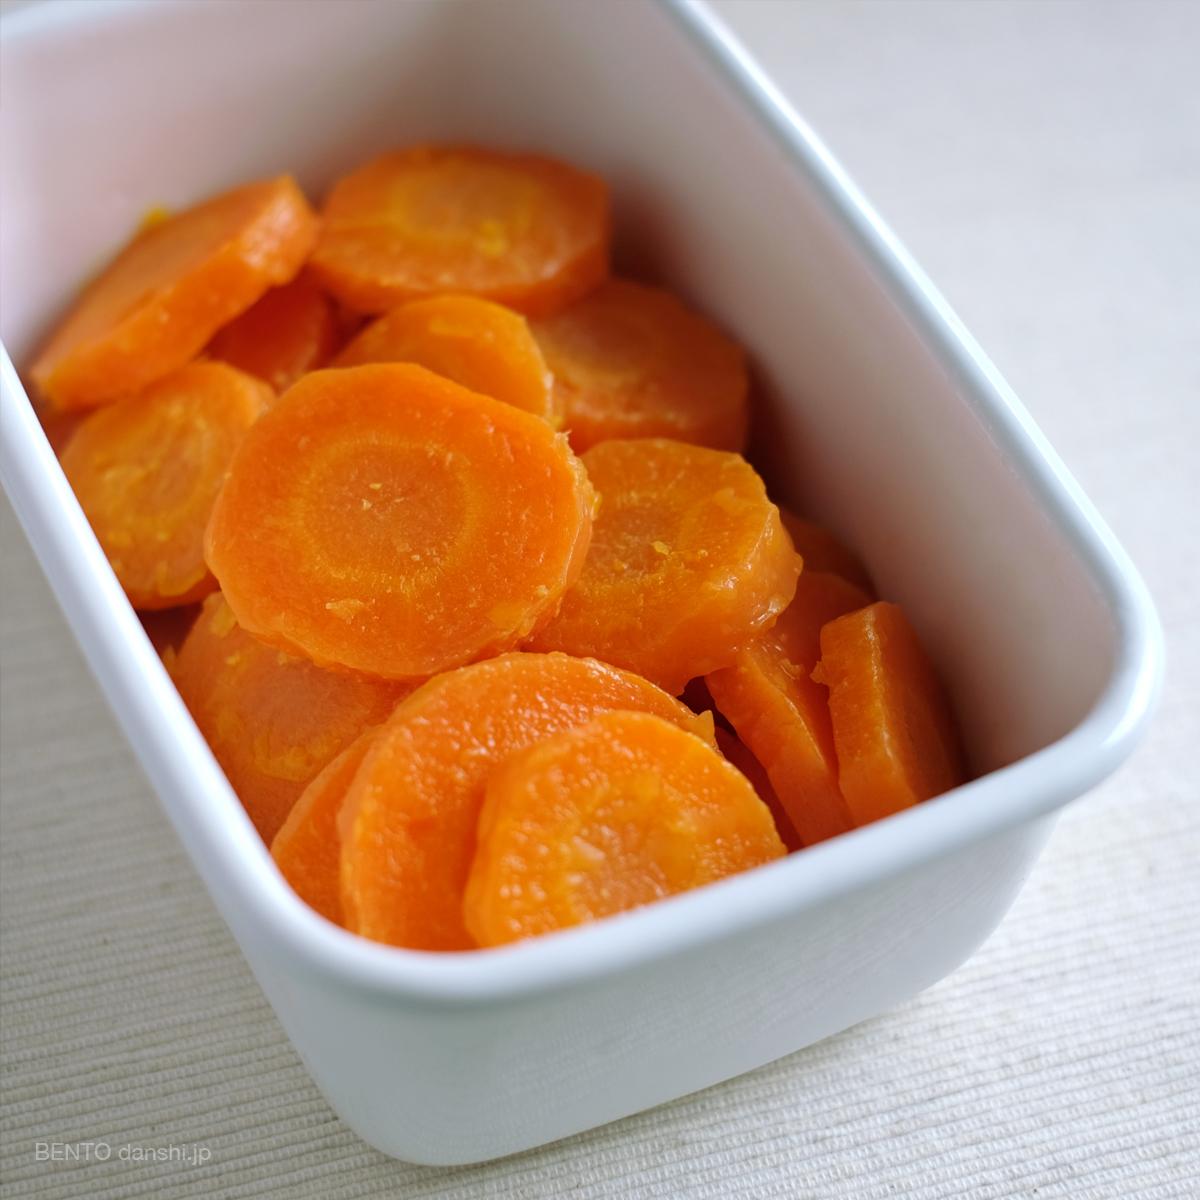 人参の作り置き・常備菜。持ち5日の優秀常備菜『人参グラッセ』は弁当の付け合わせに最適。